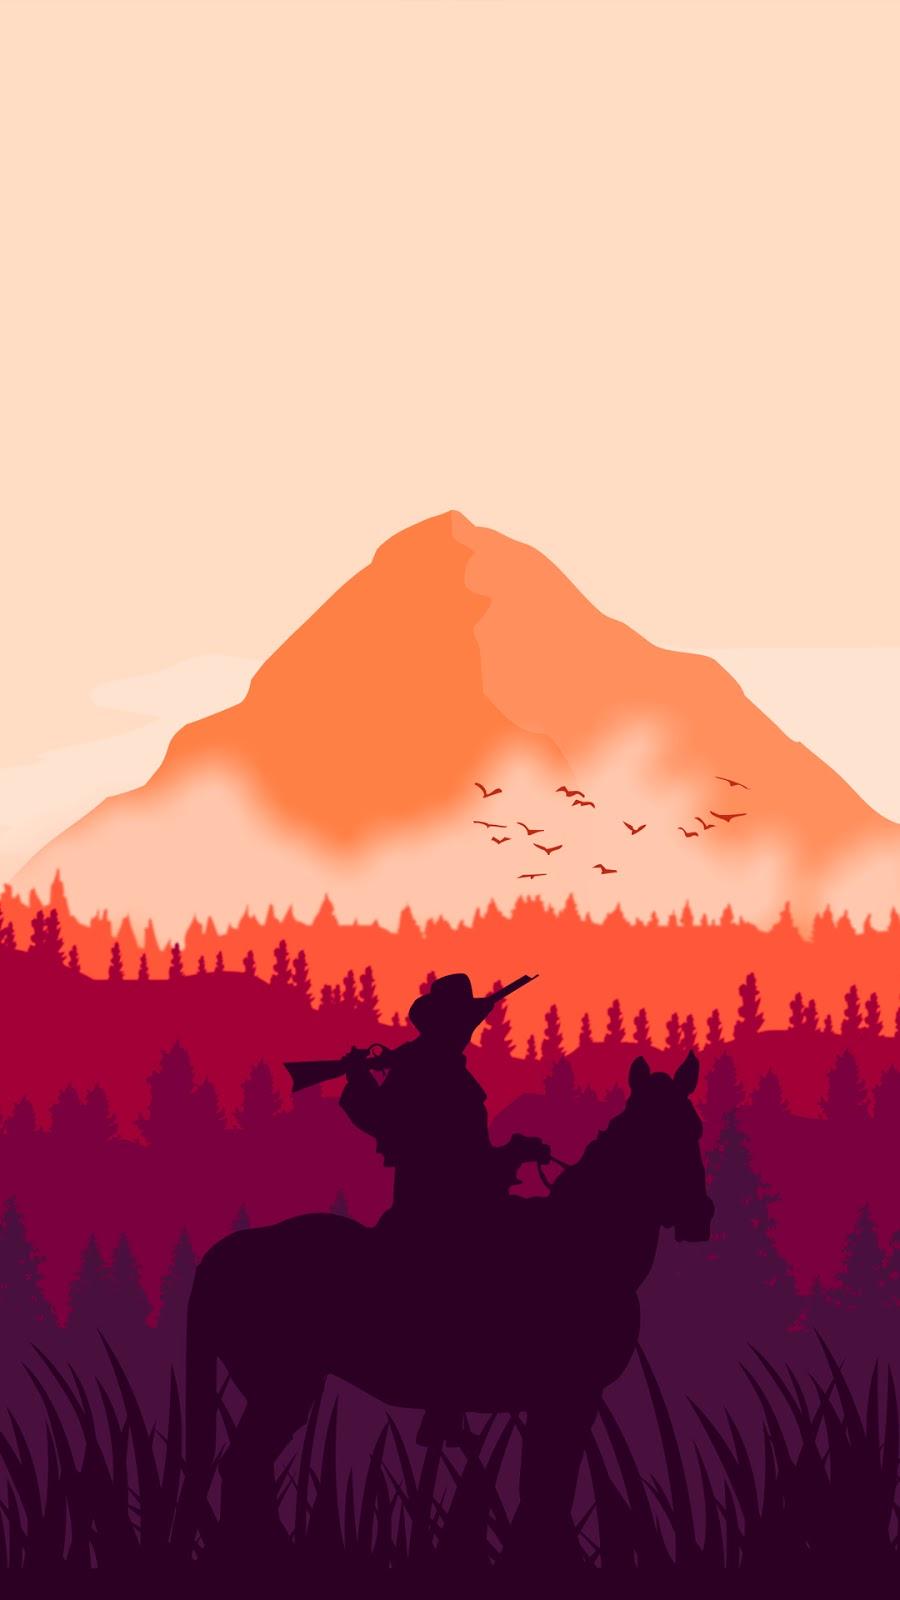 #reddeadredemption #minimalist #games #wallpapers